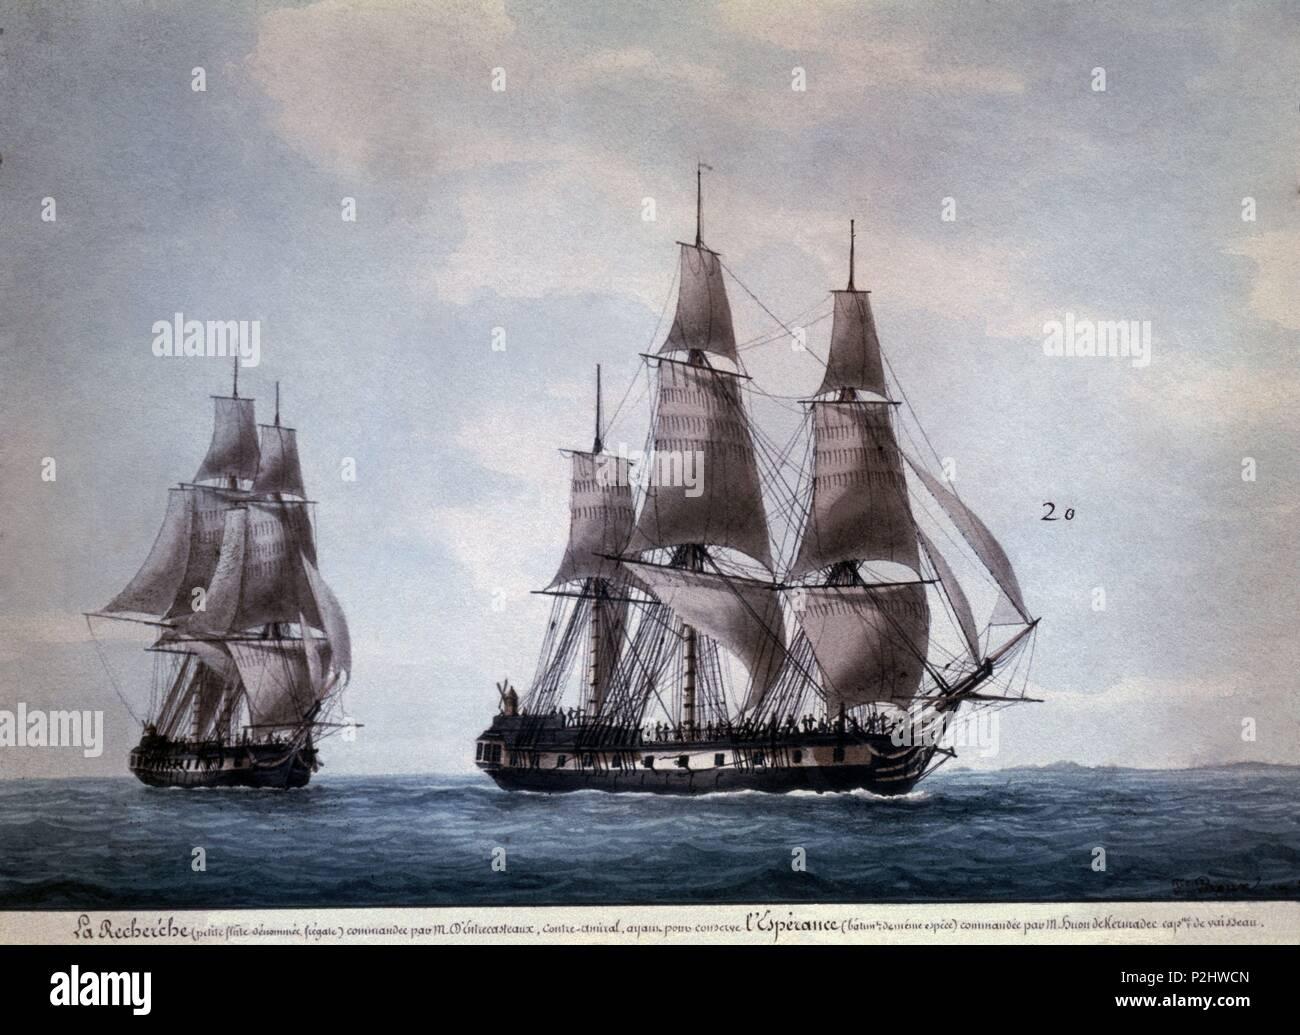 LA BUSQUEDA Y LA ESPERANZA-DE LA HISTORIA UNIVERSAL DE EXPLORACIONES. Author: Antoine Roux (1765-1835). Location: MUSEO DE LA MARINA, FRANCE. - Stock Image